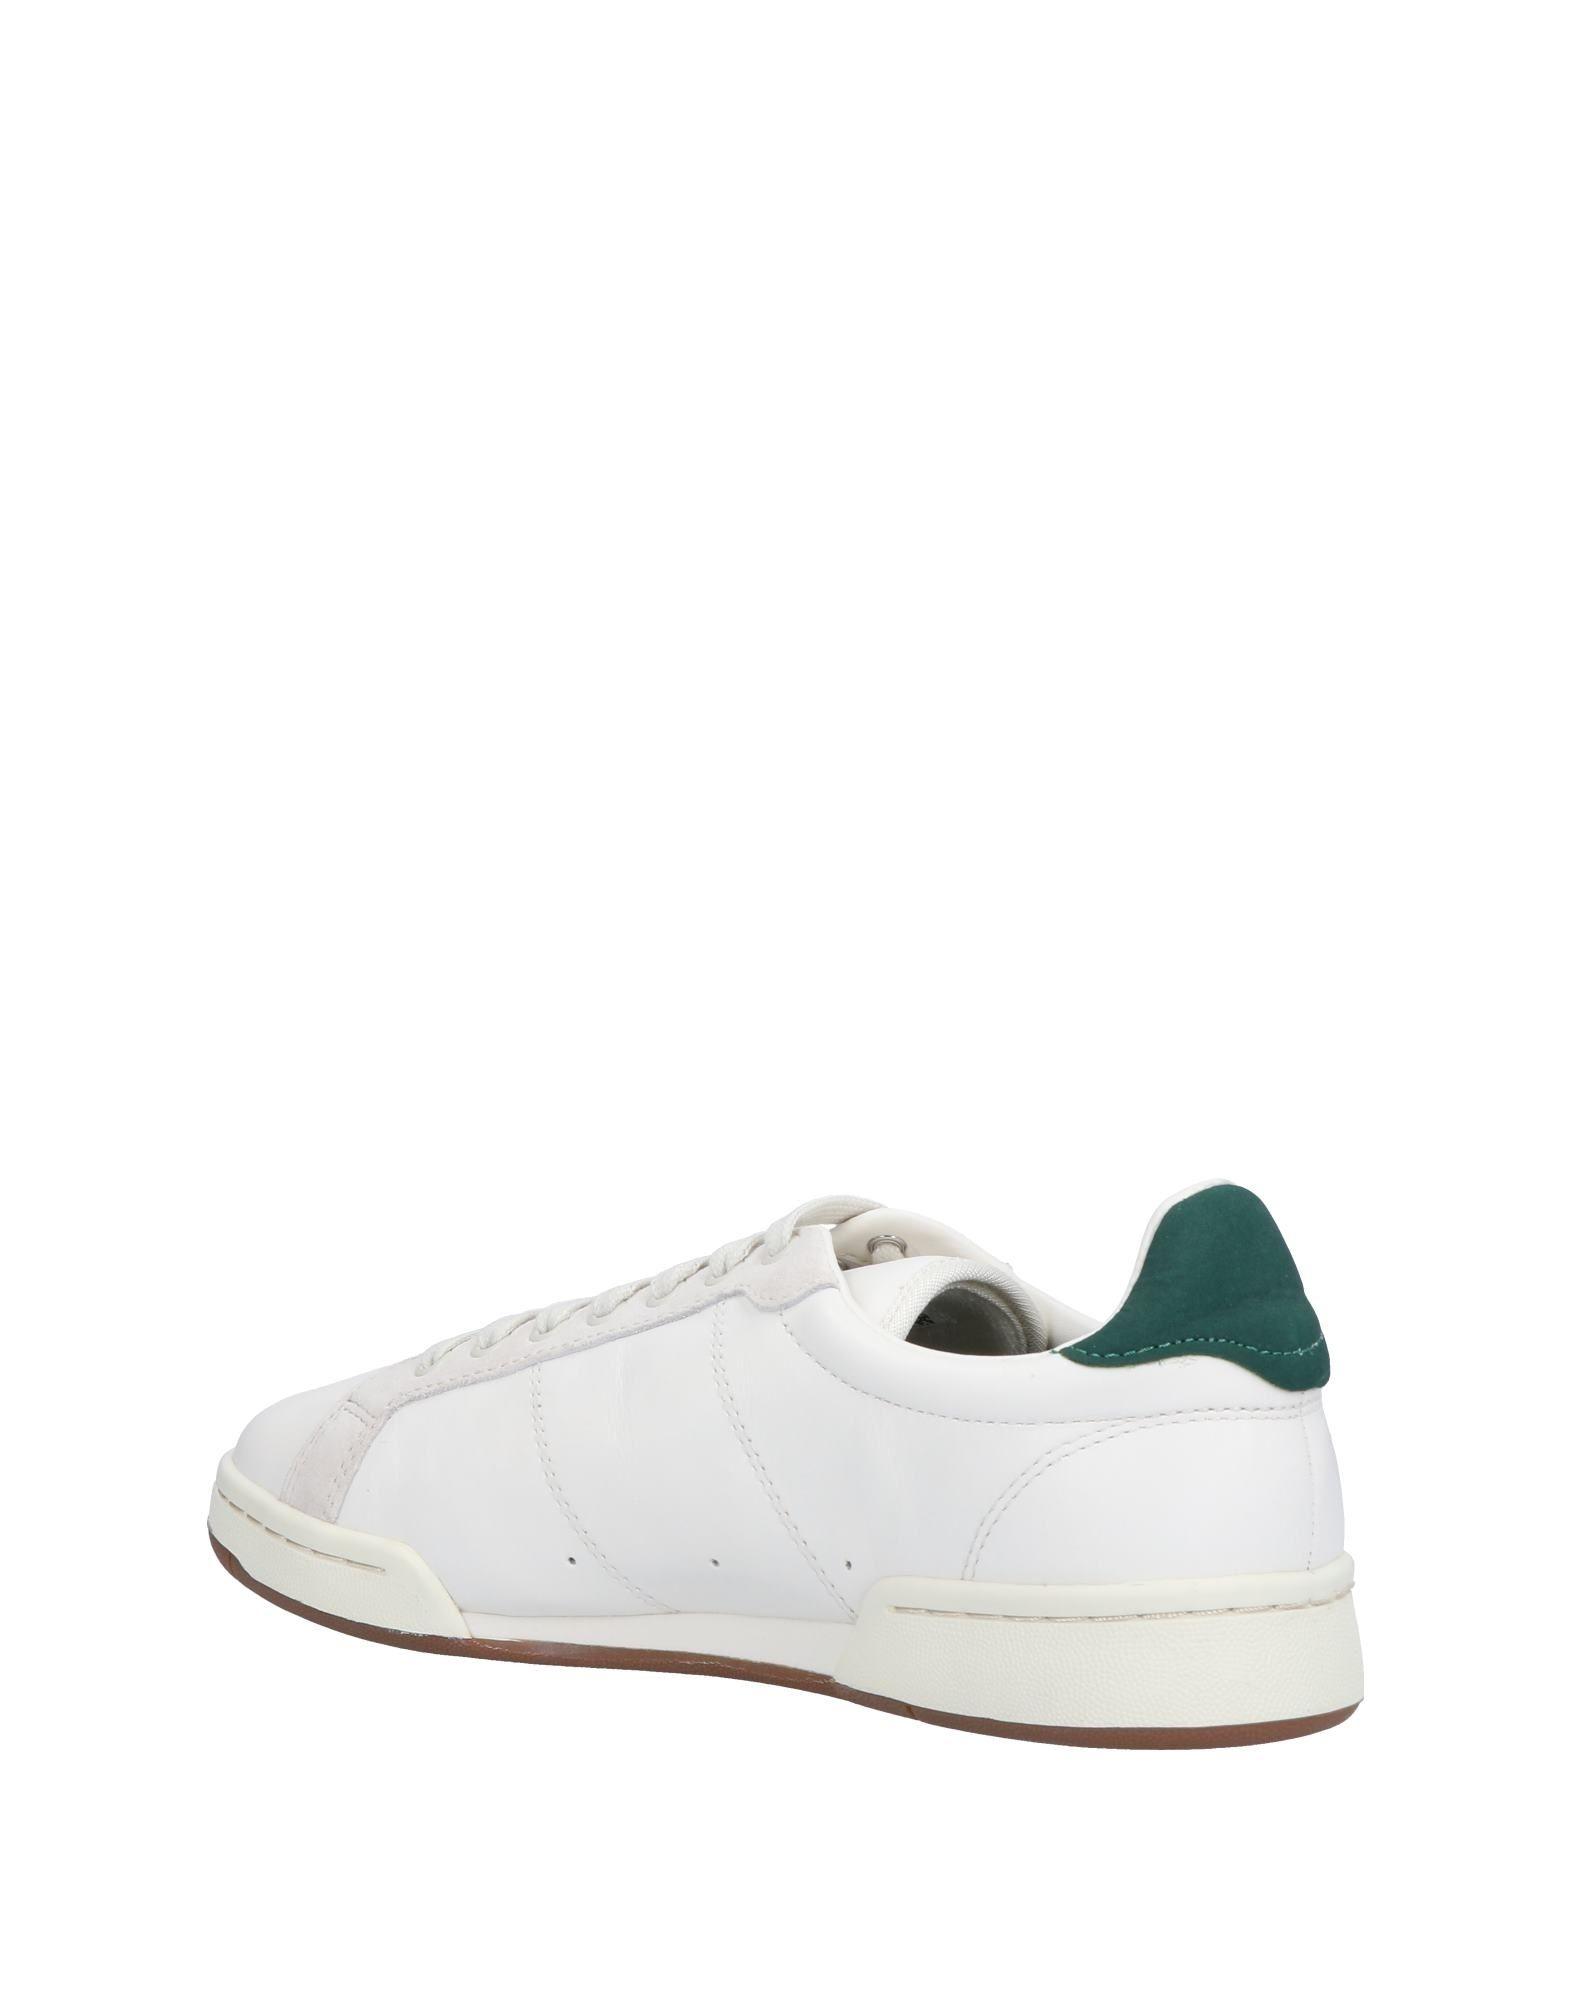 Rabatt Sneakers echte Schuhe Fred Perry Sneakers Rabatt Herren  11495520UK 5d9c68